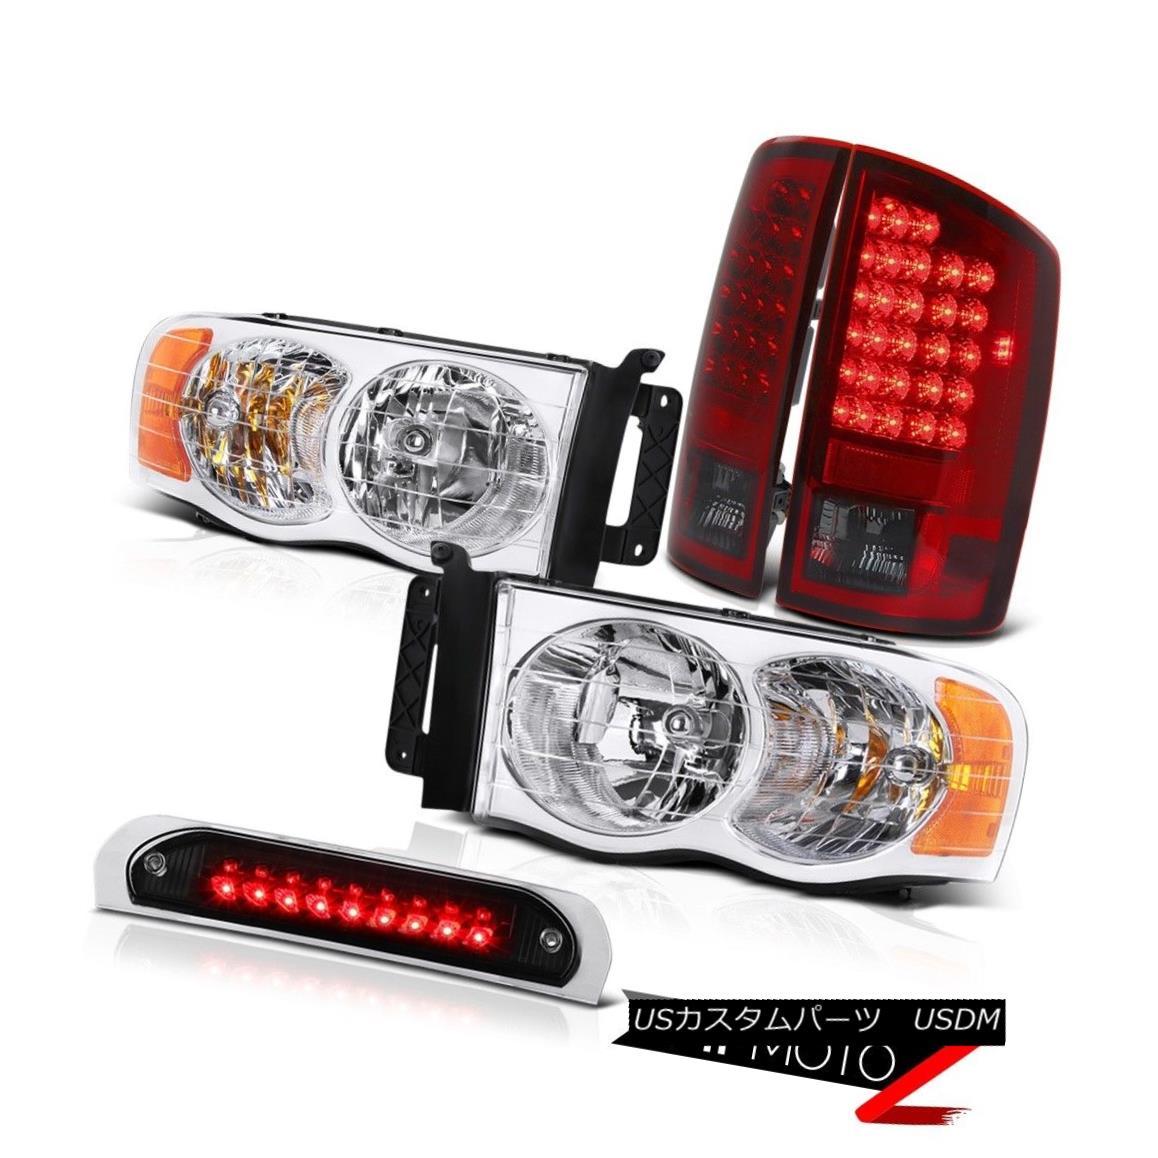 ヘッドライト Pair Chrome Headlights LED Bulbs Tail Lamps High Stop Black 2002-2005 Ram SLT ペアクロームヘッドライトLED電球テールランプハイストップブラック2002-2005 Ram SLT